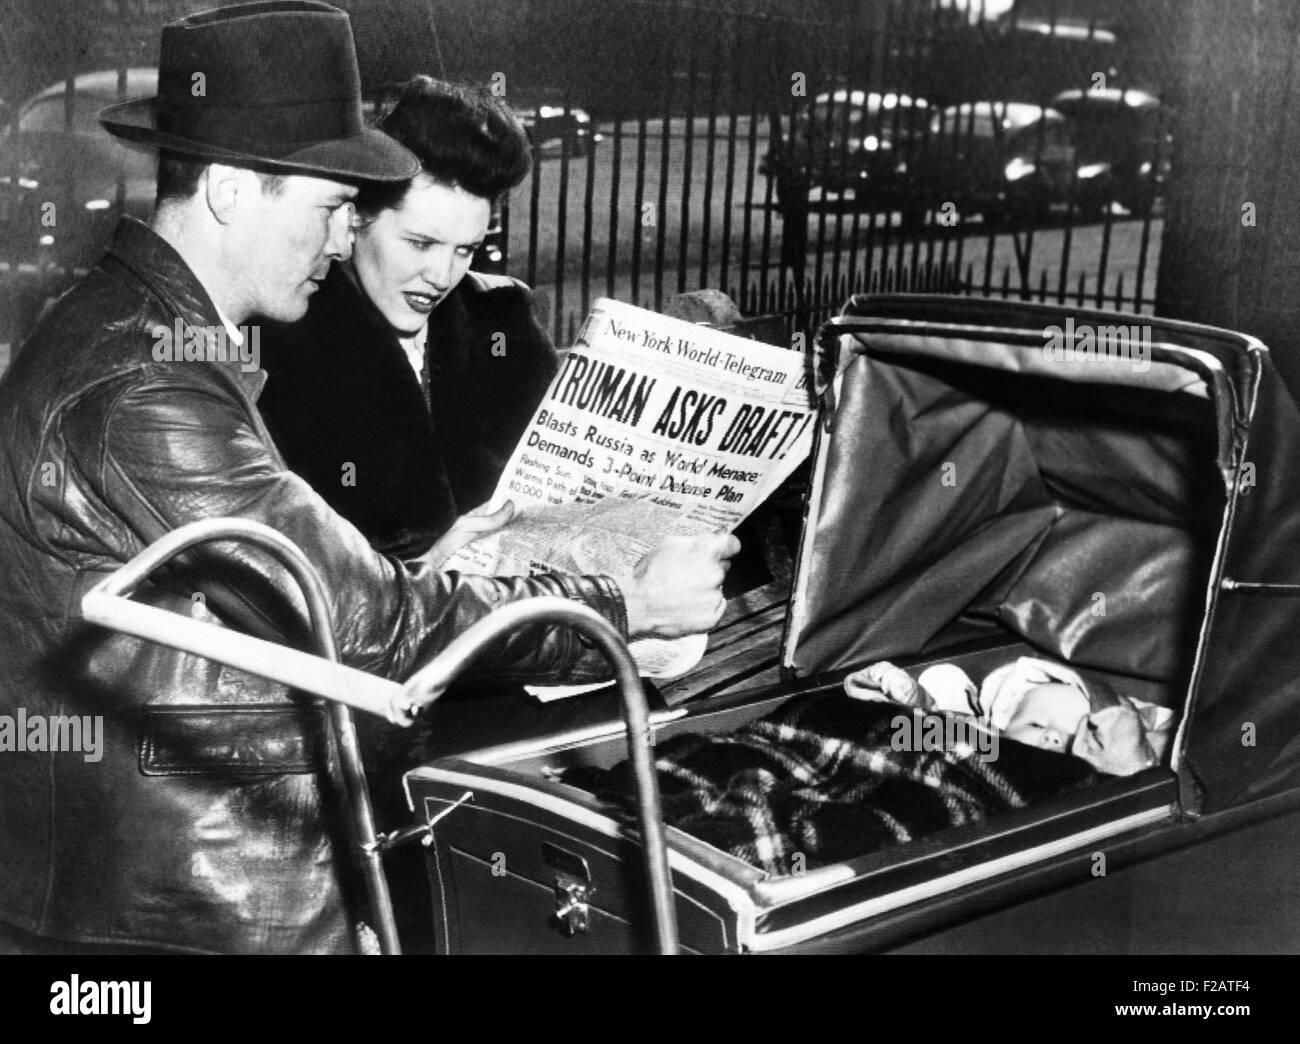 Una guerra mondiale II veterano e sua moglie, con baby, leggere il titolo 'Truman chiede progetto!' Marzo Immagini Stock